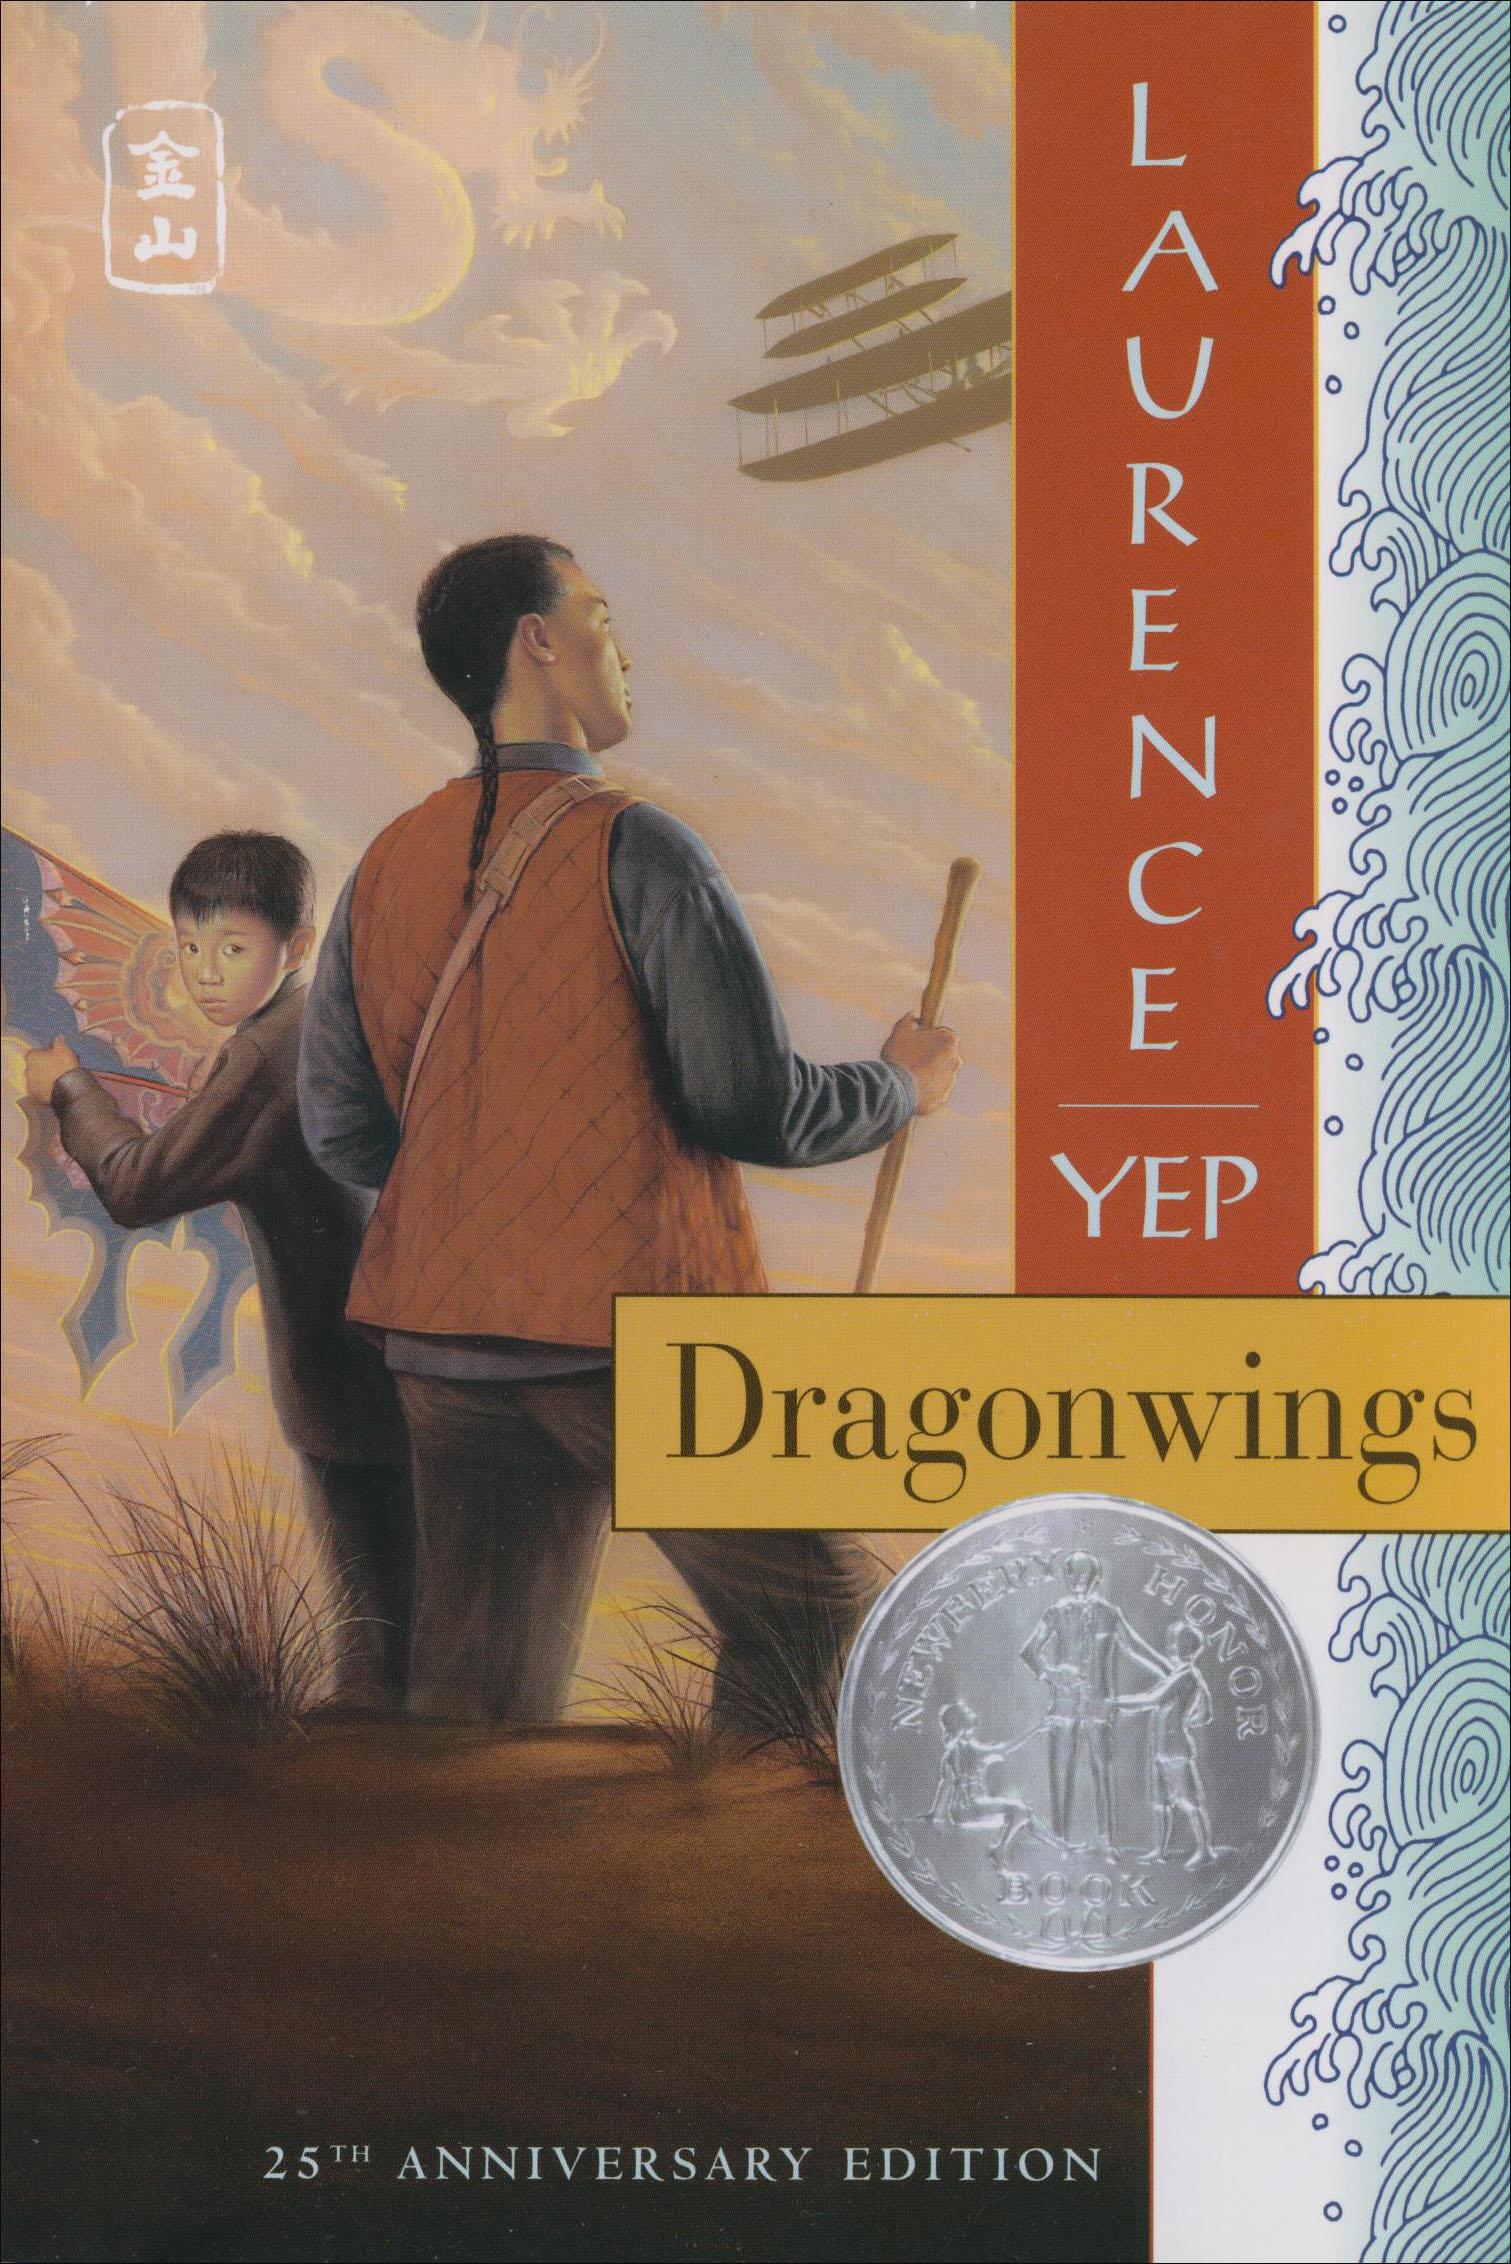 Dragonwings Paperback Book (870L)